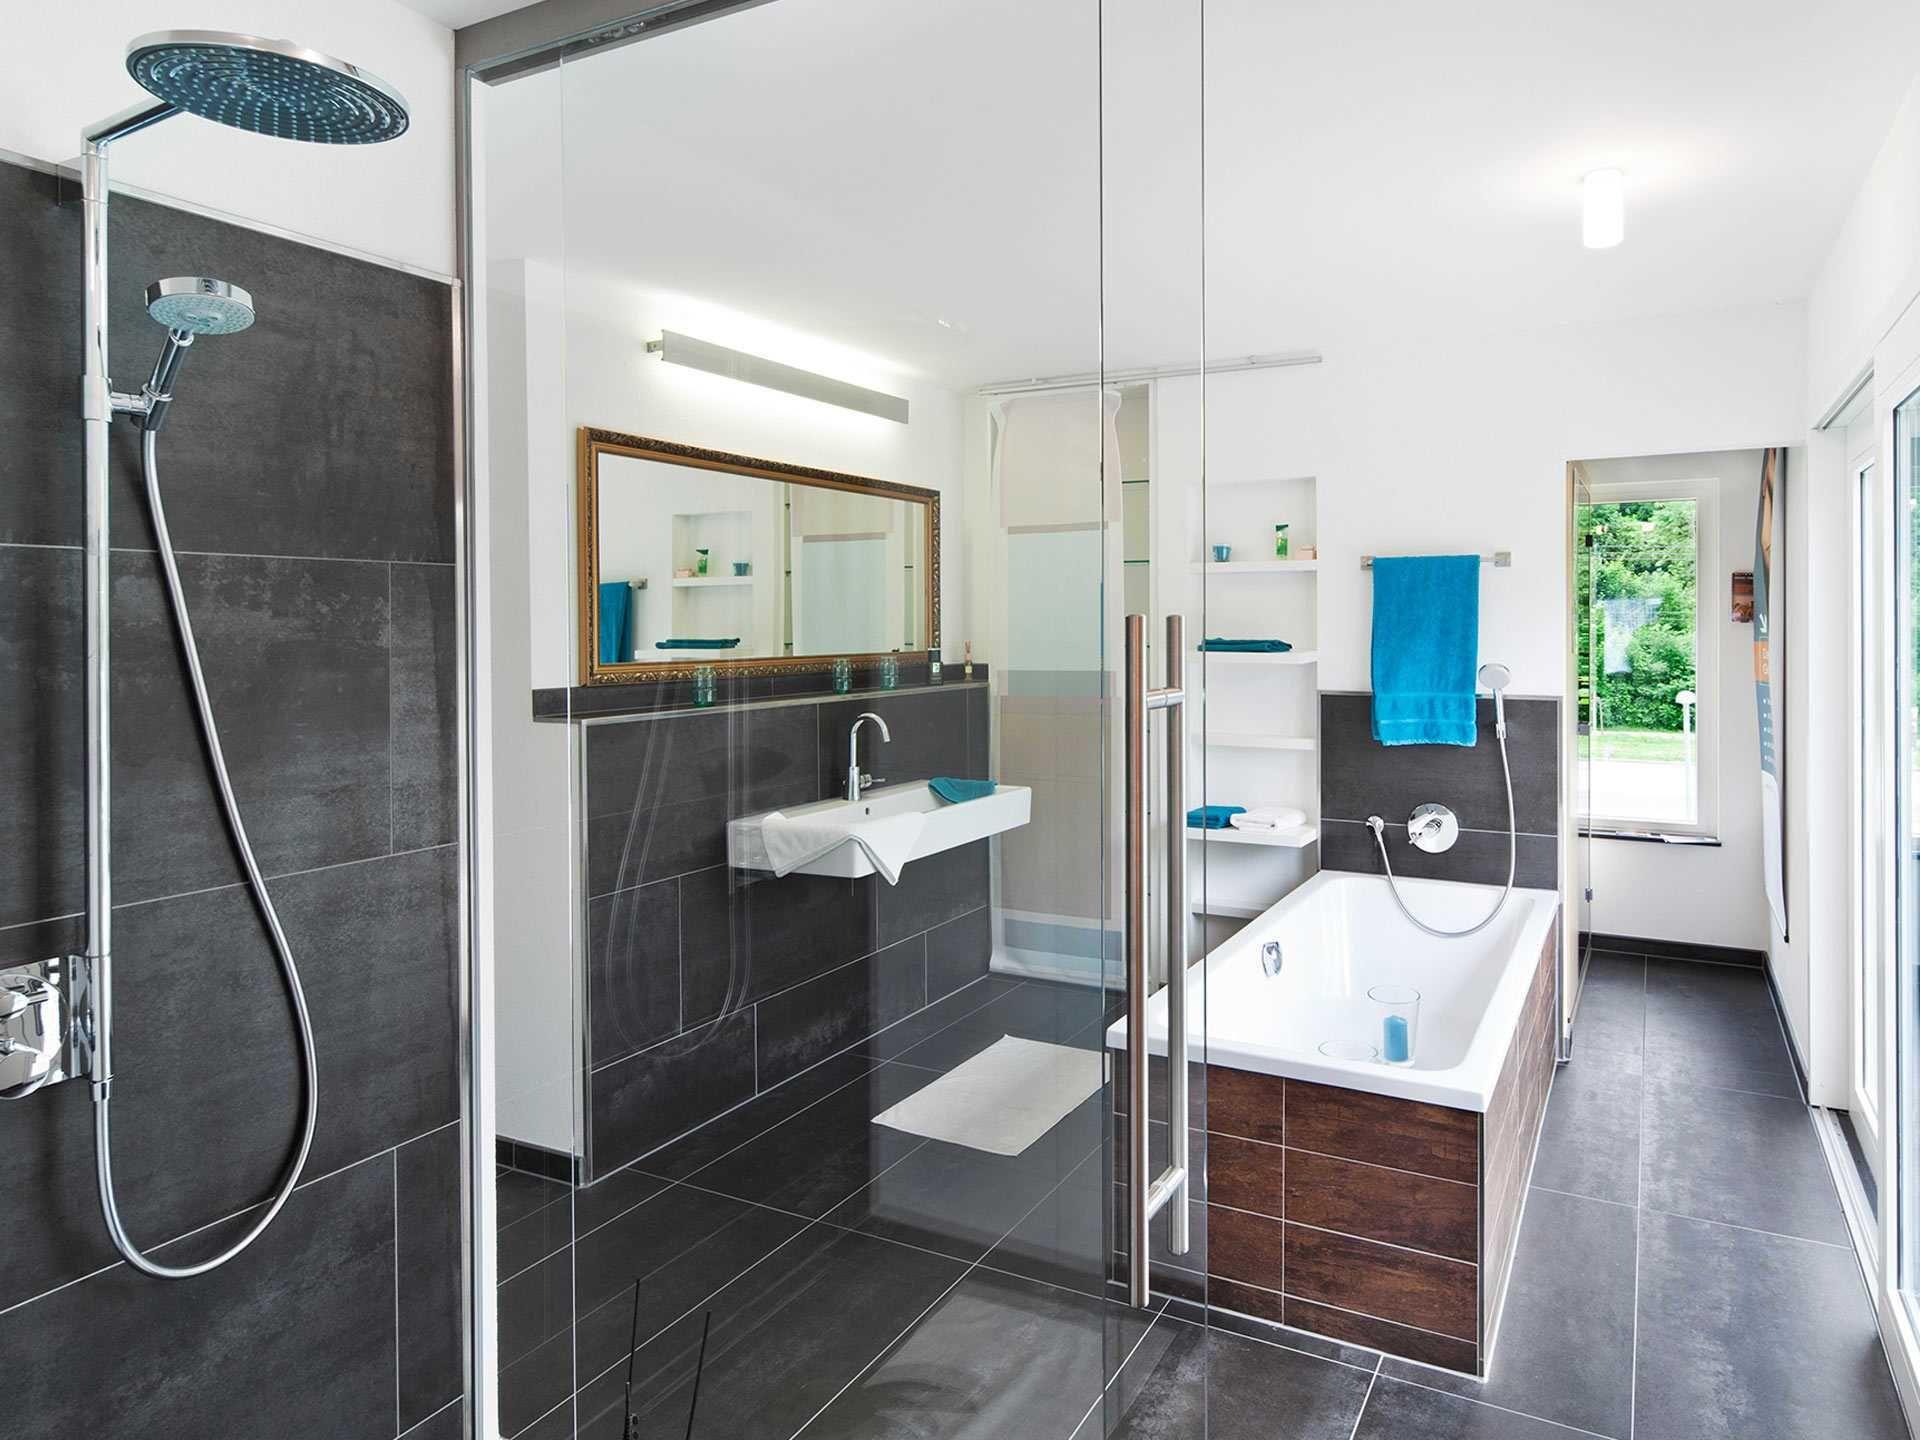 Lehner Musterhaus Ulm In 2020 Badezimmerideen Musterhaus Und Badgestaltung